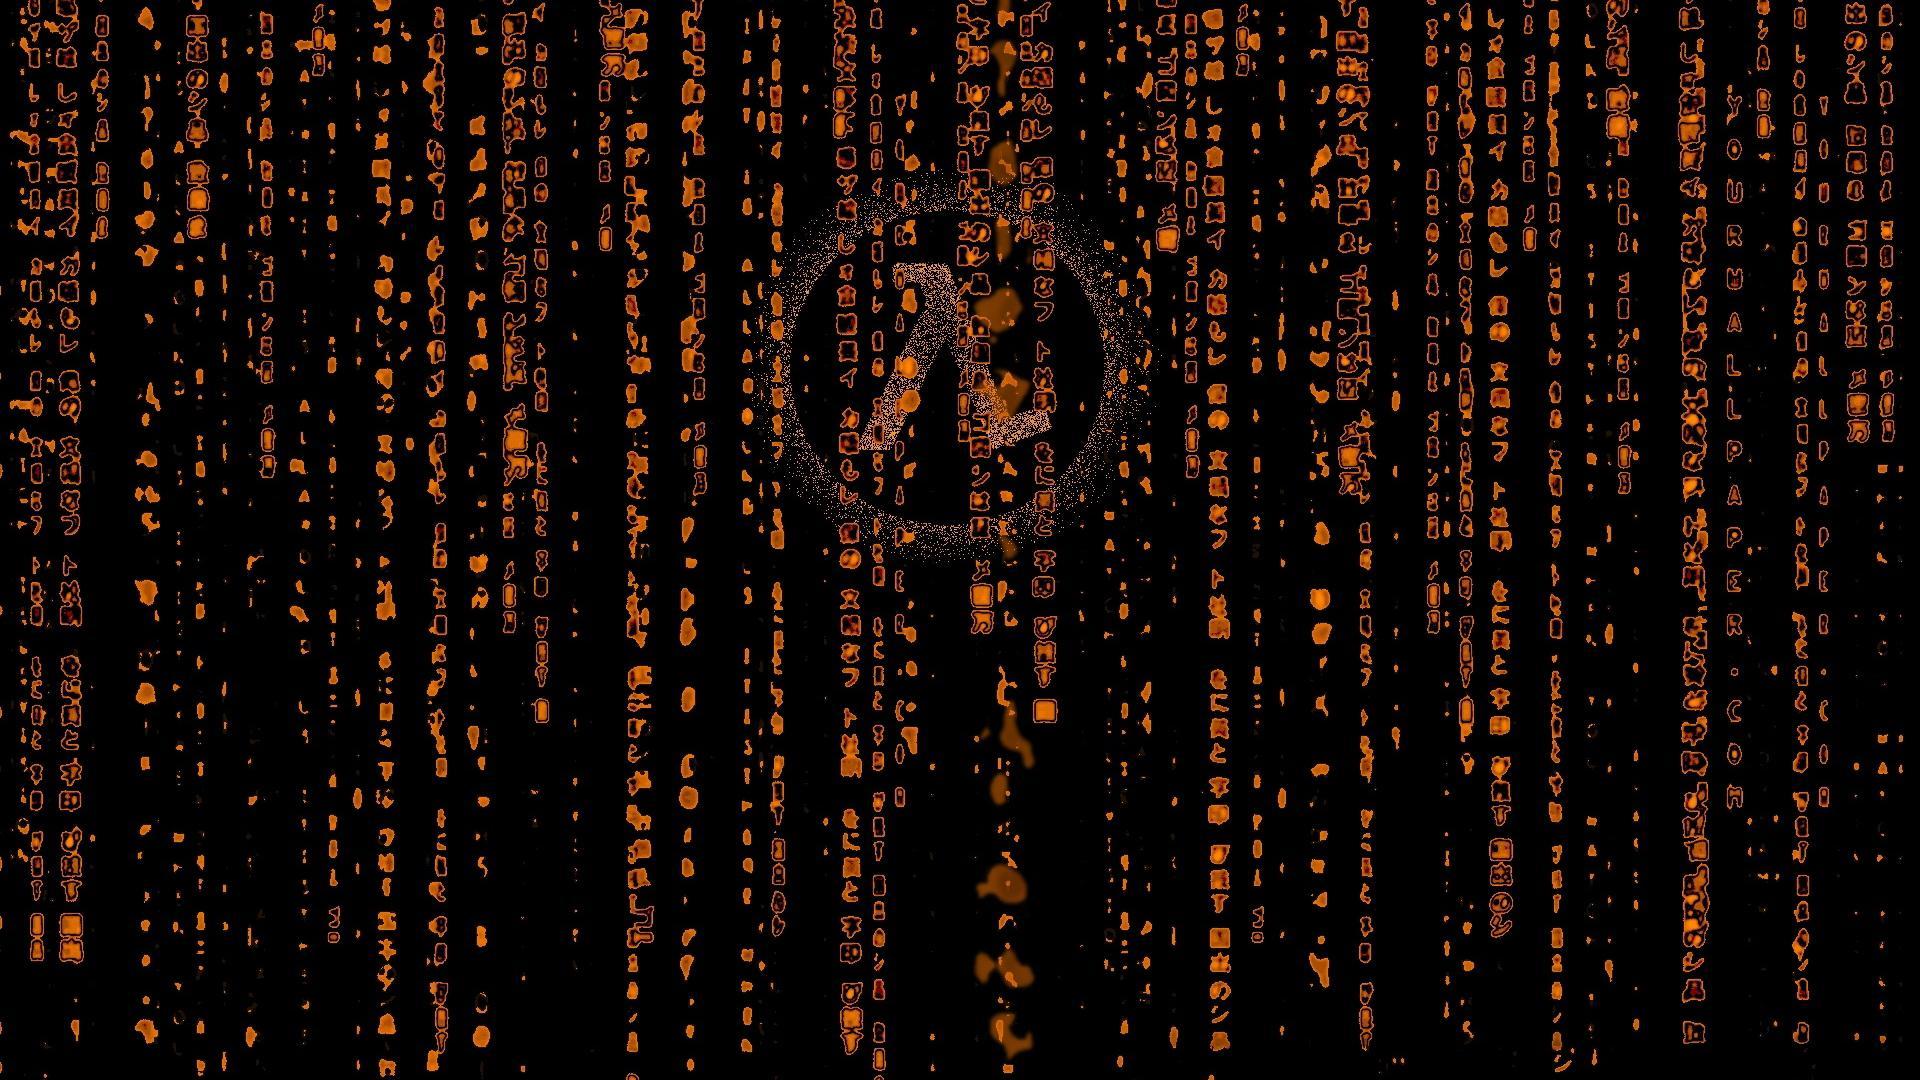 Cool Wallpapers 1920x1080 - WallpaperSafari